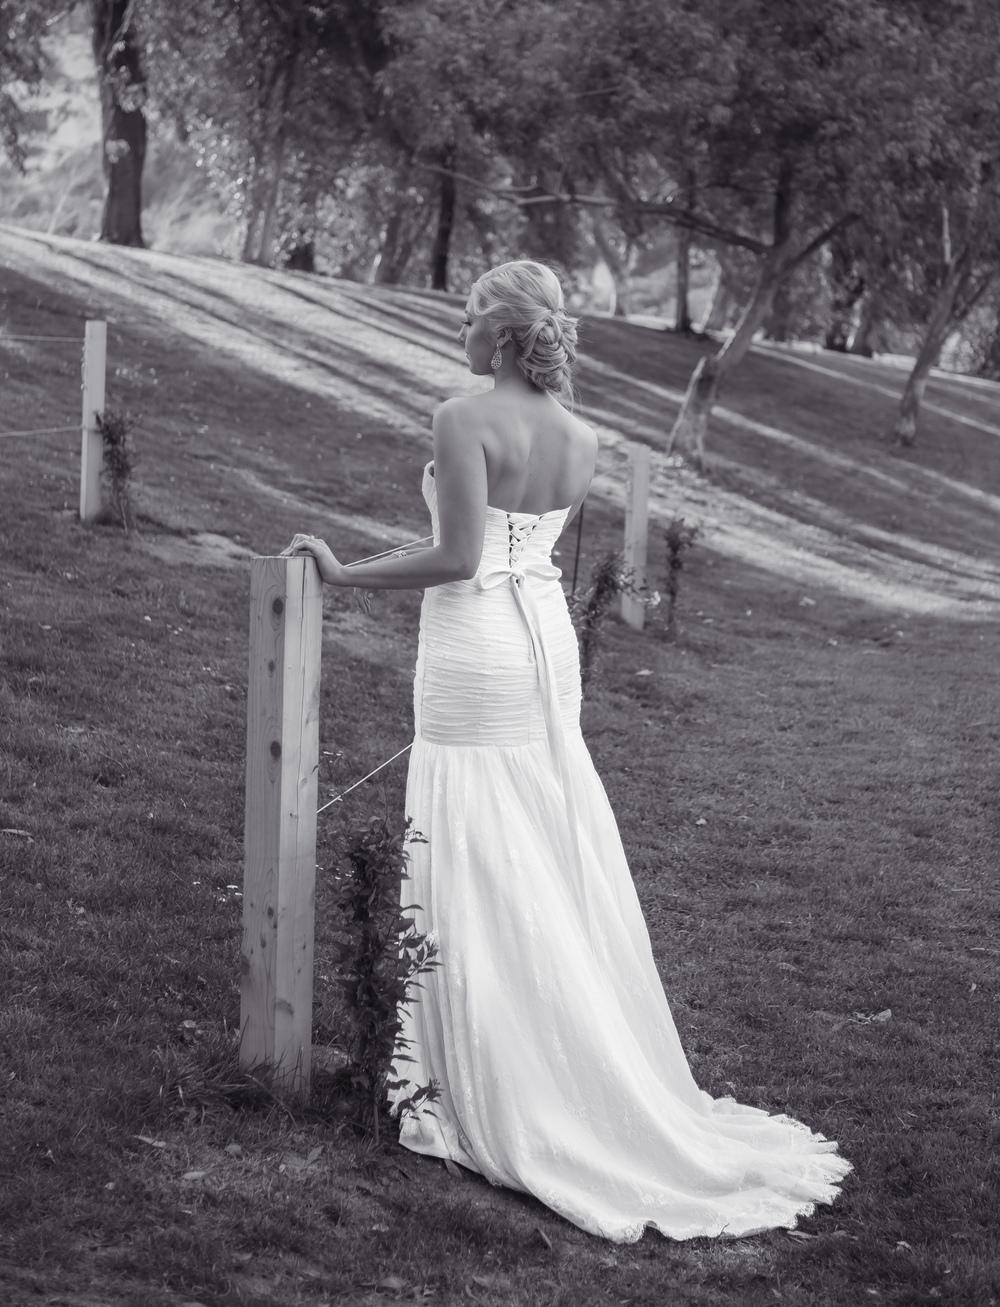 weddings_2014-3296-2.jpg